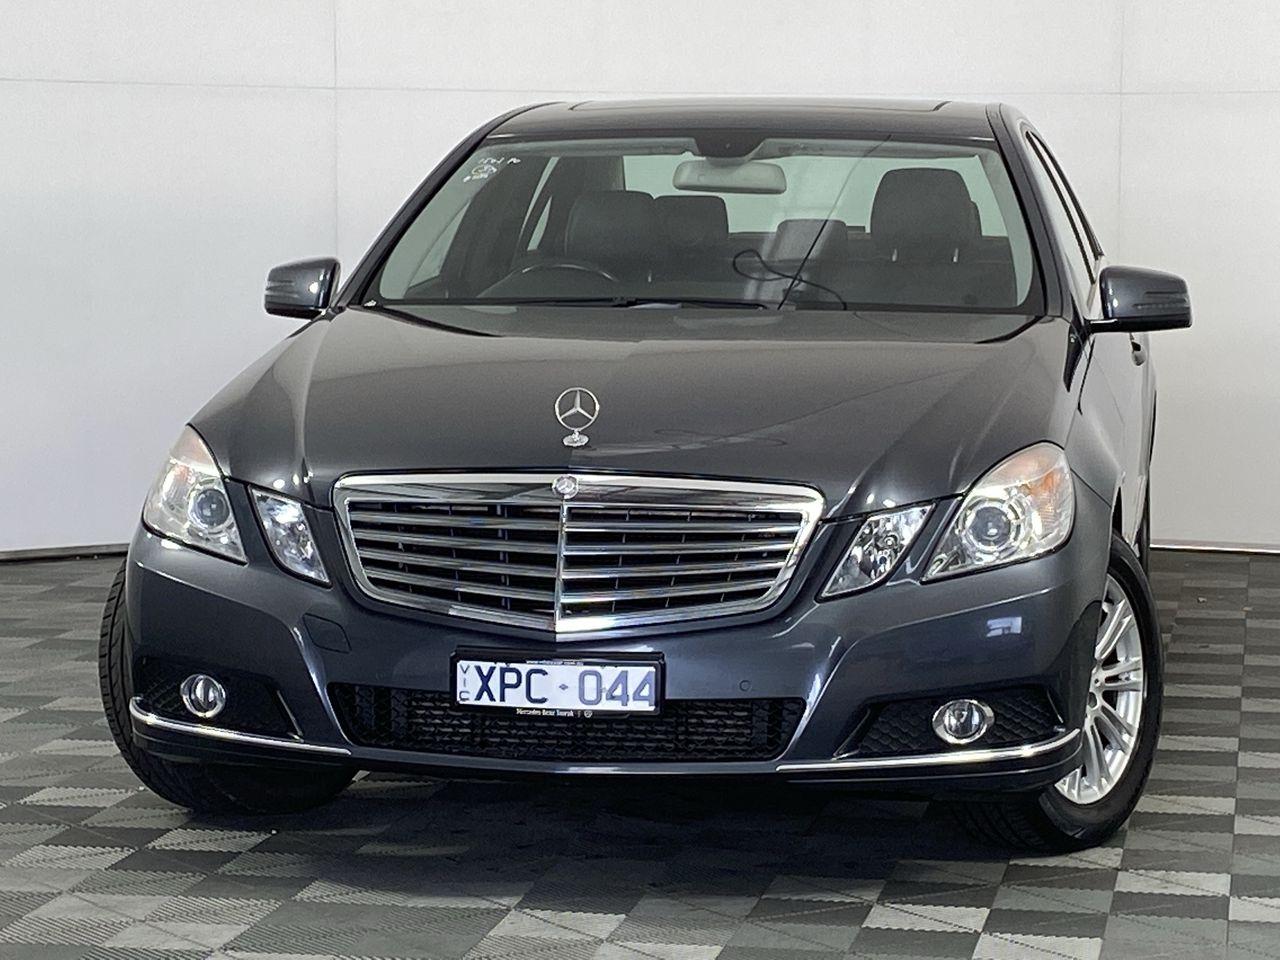 2010 Mercedes Benz E220 CDI Elegance W212 Turbo Diesel Automatic Sedan